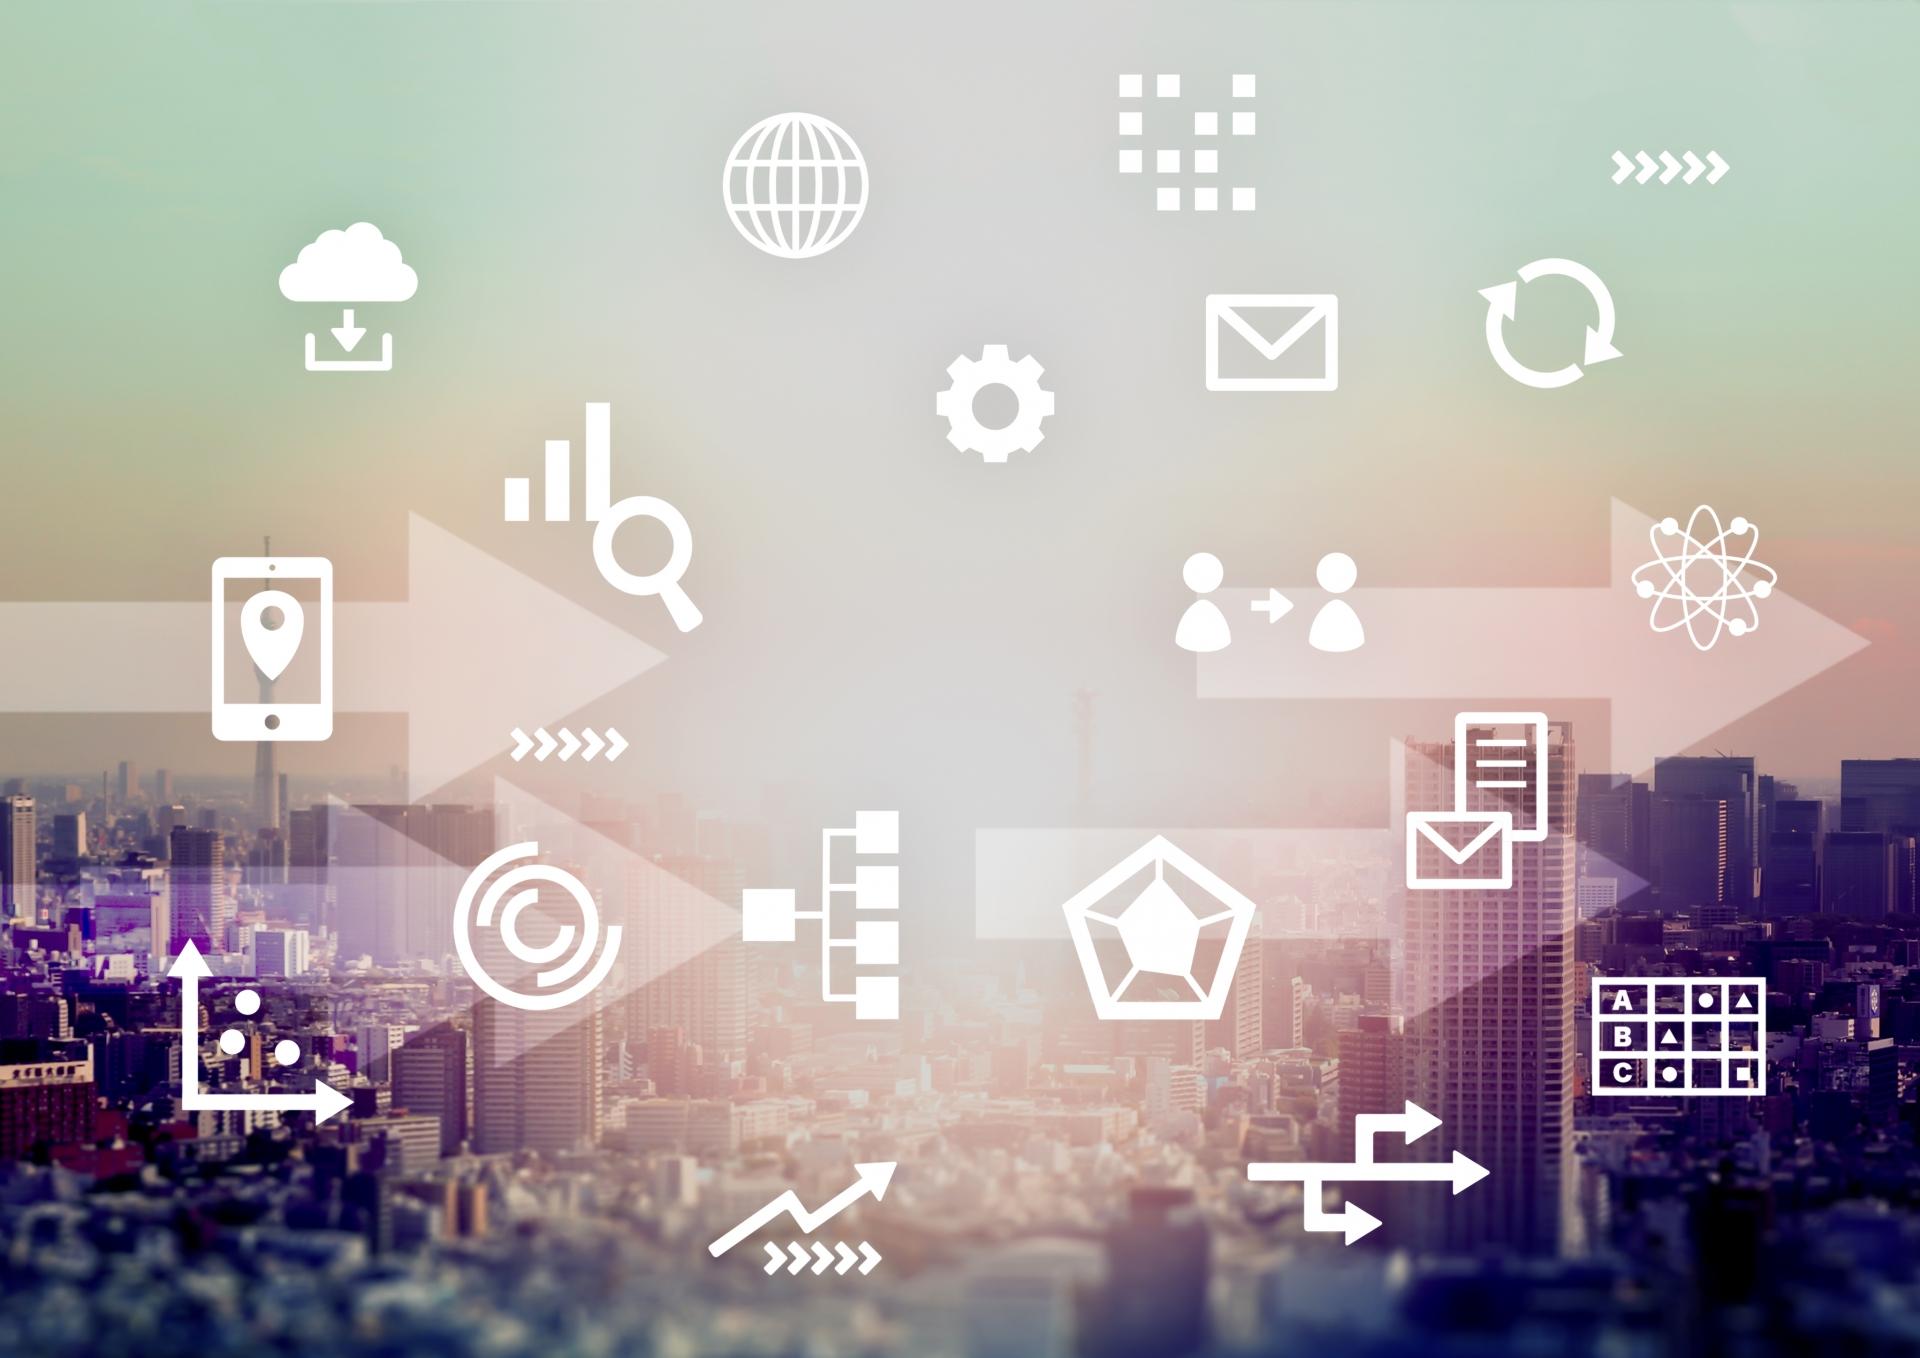 テレマティクスデータがユーザにもたらすメリットと未来